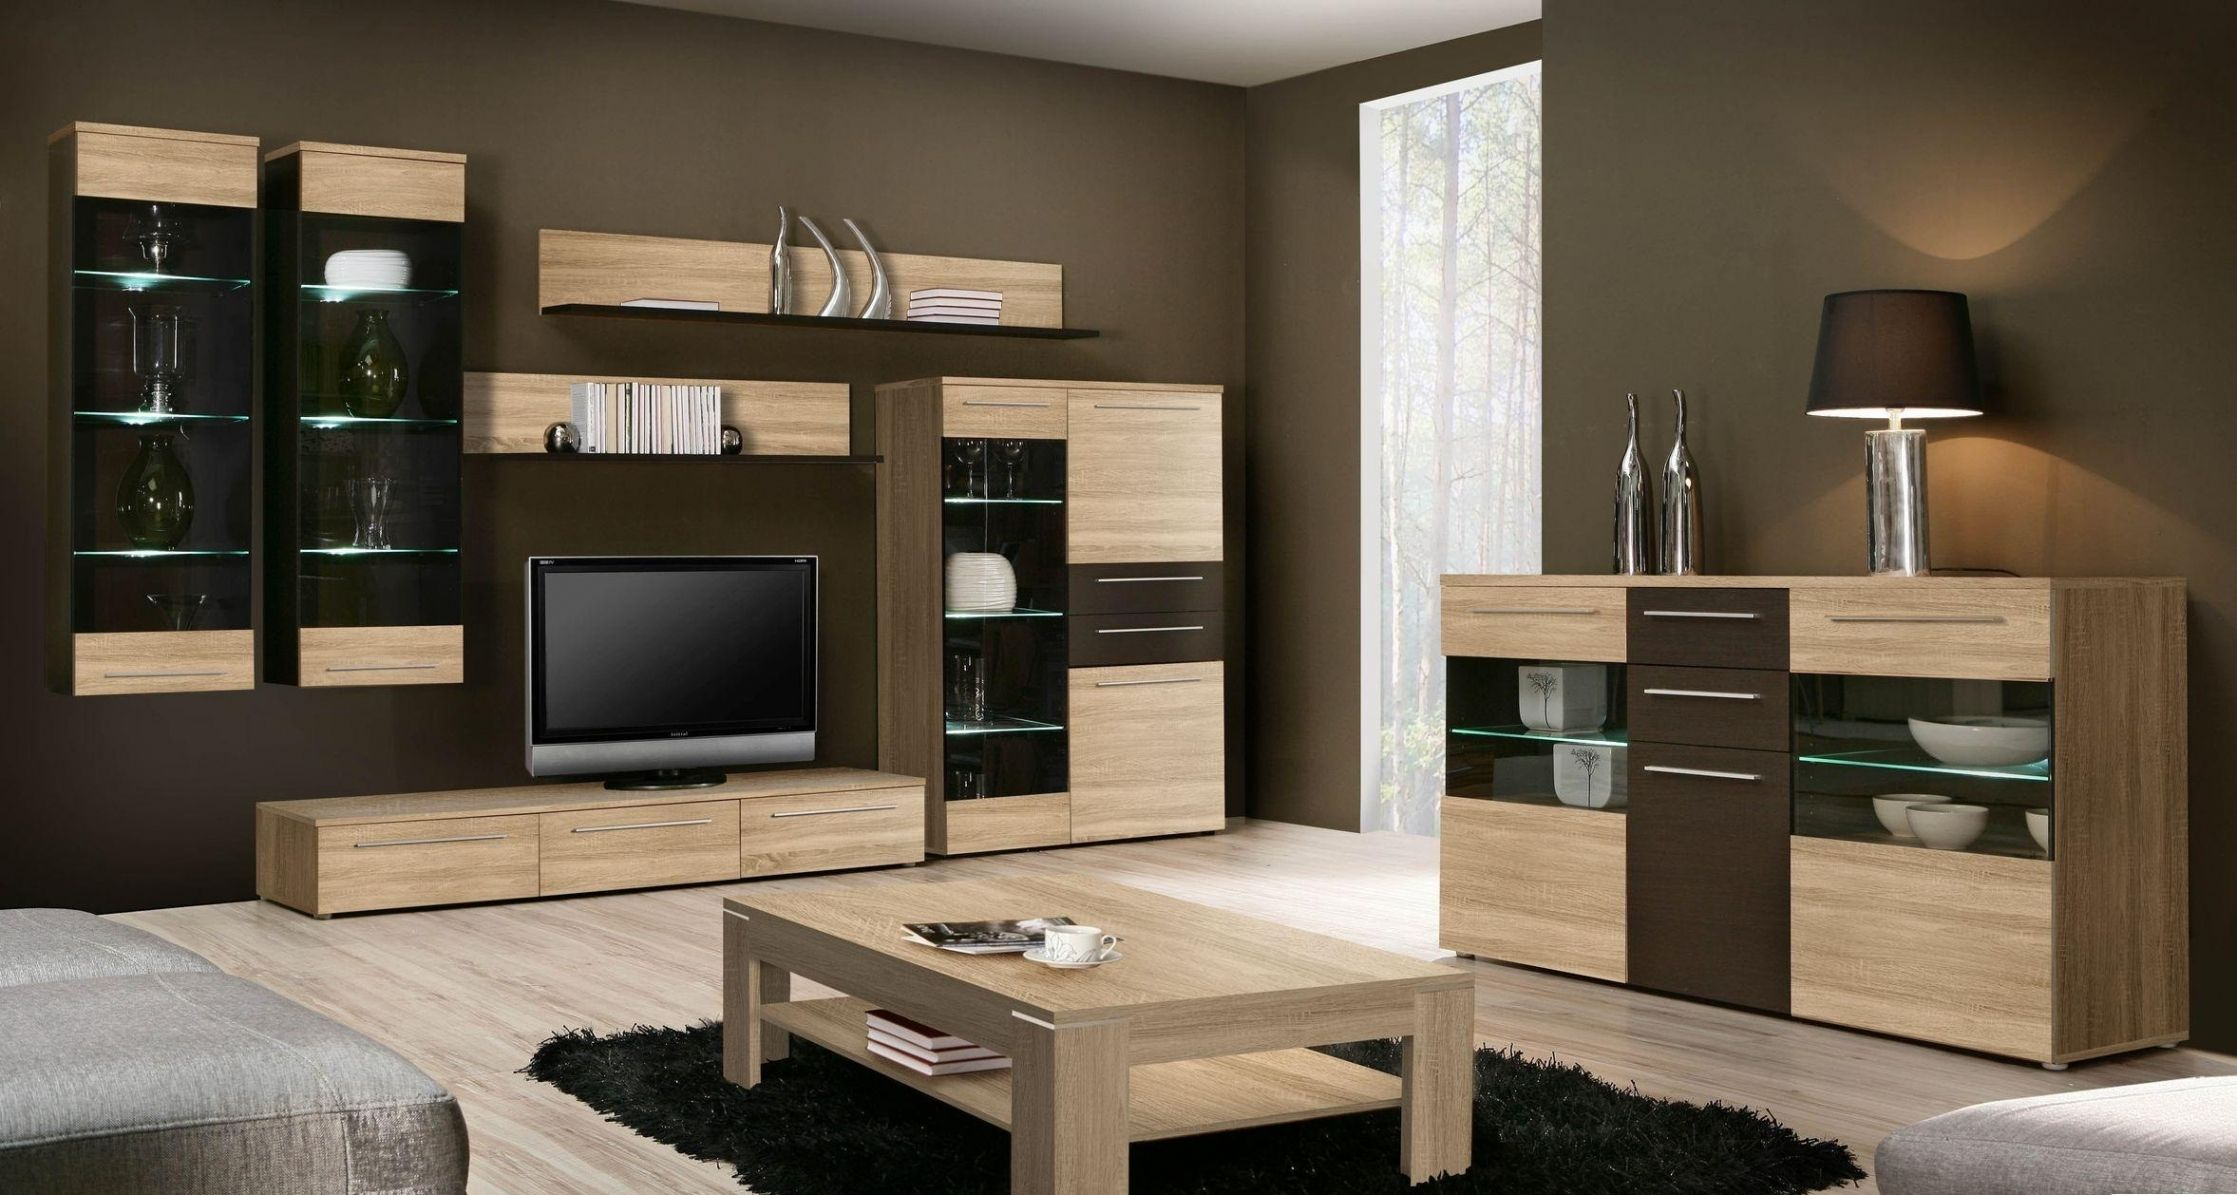 Einzigartig Wohnzimmer Neu Gestalten Ideen  Furniture, Home decor